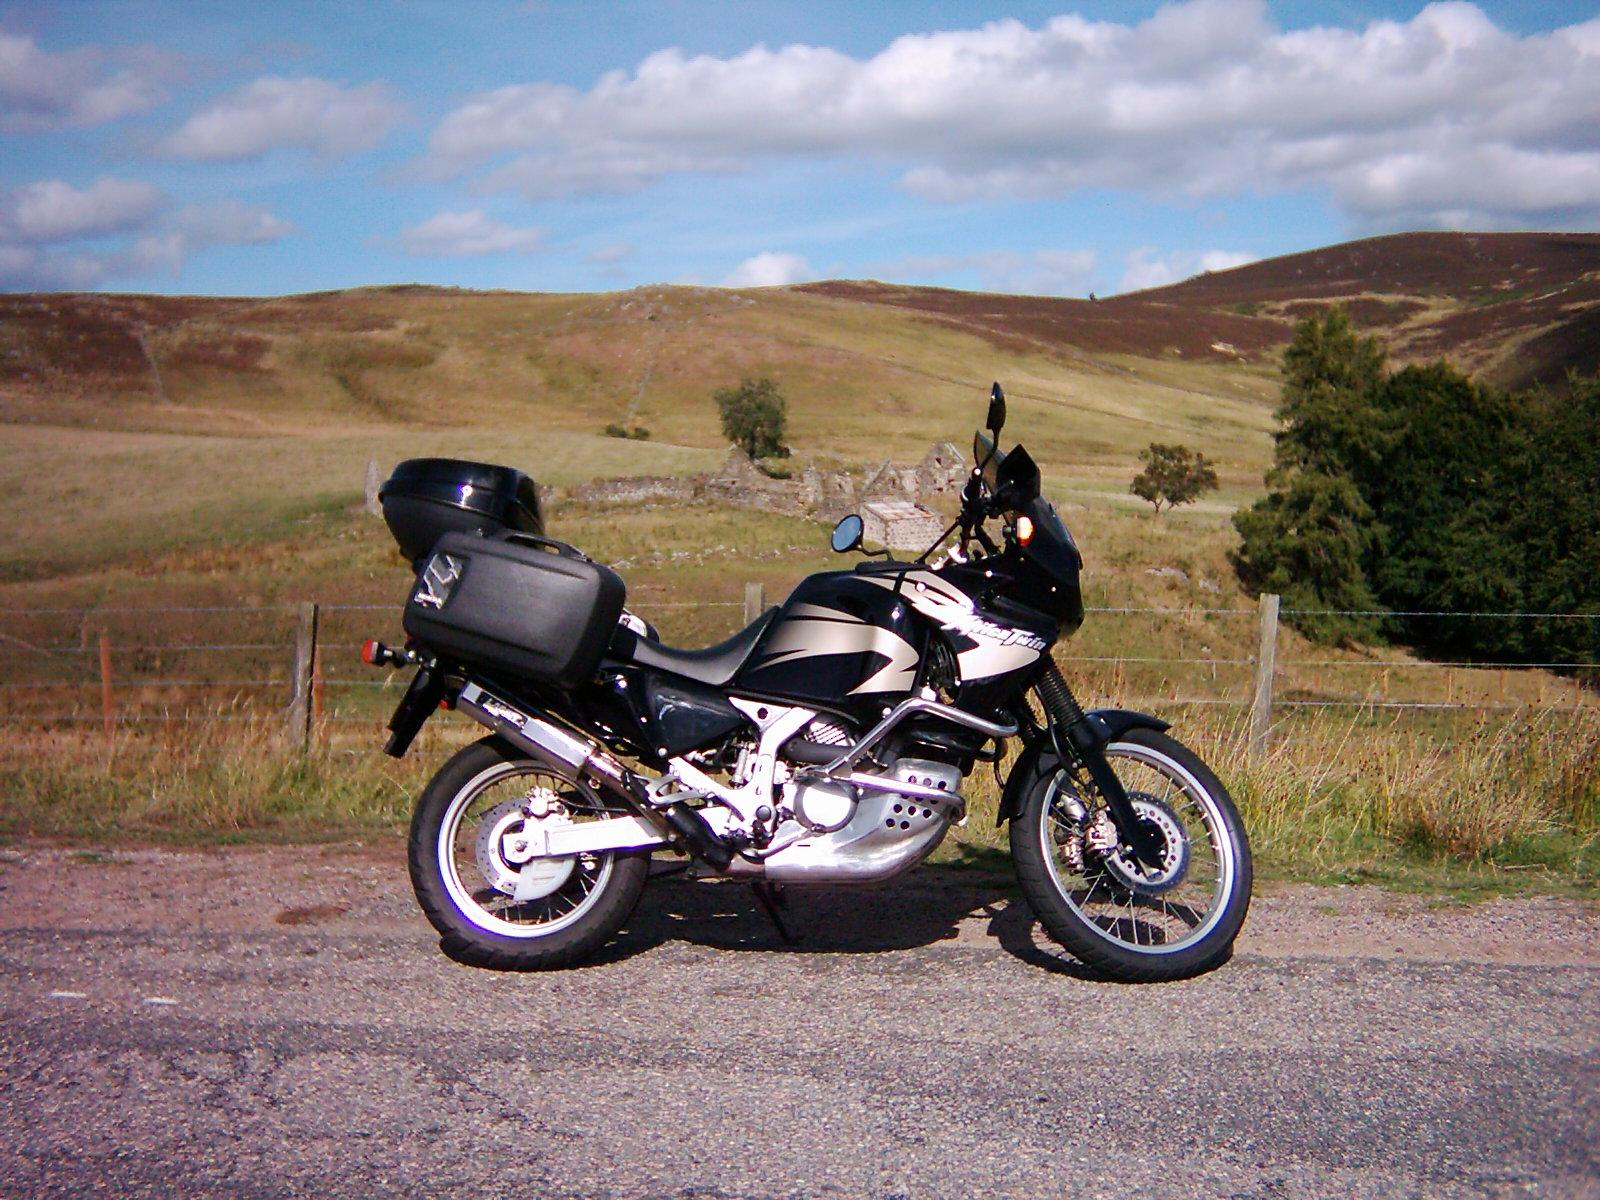 Honda Xrv 750 Africa Twin Picture 25180 Honda Photo